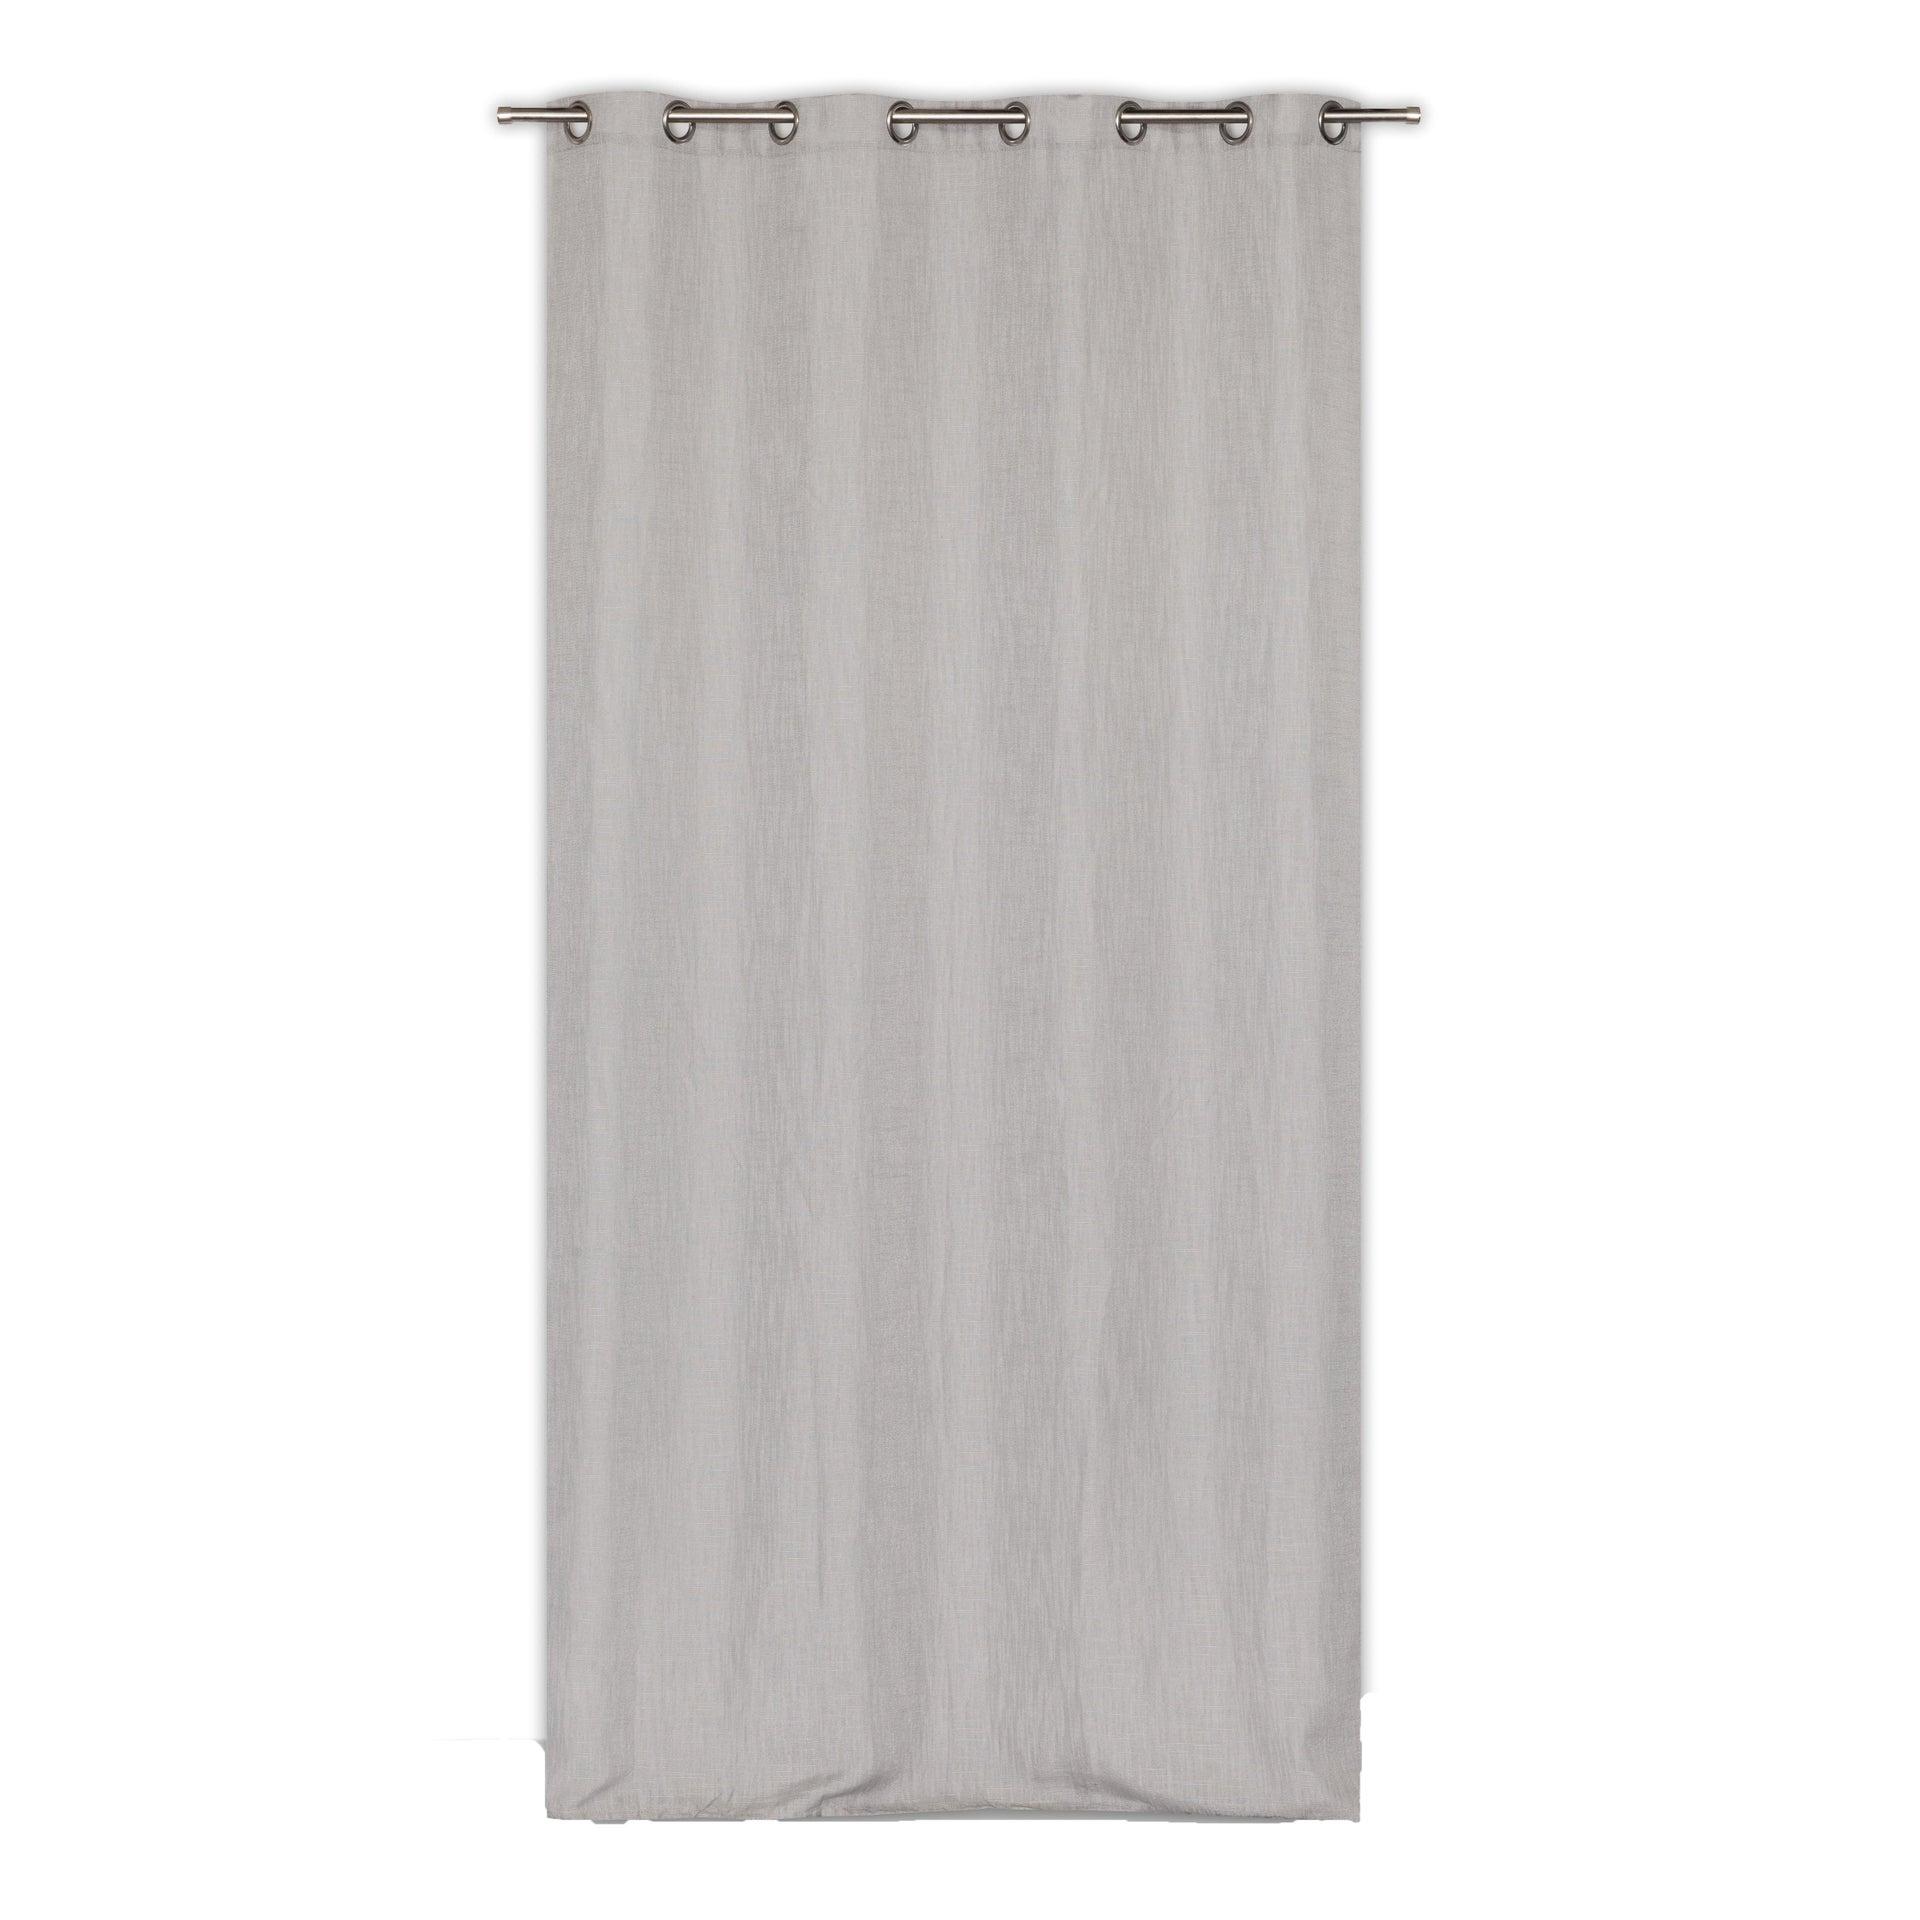 Tenda Infini grigio occhielli 140 x 280 cm - 3